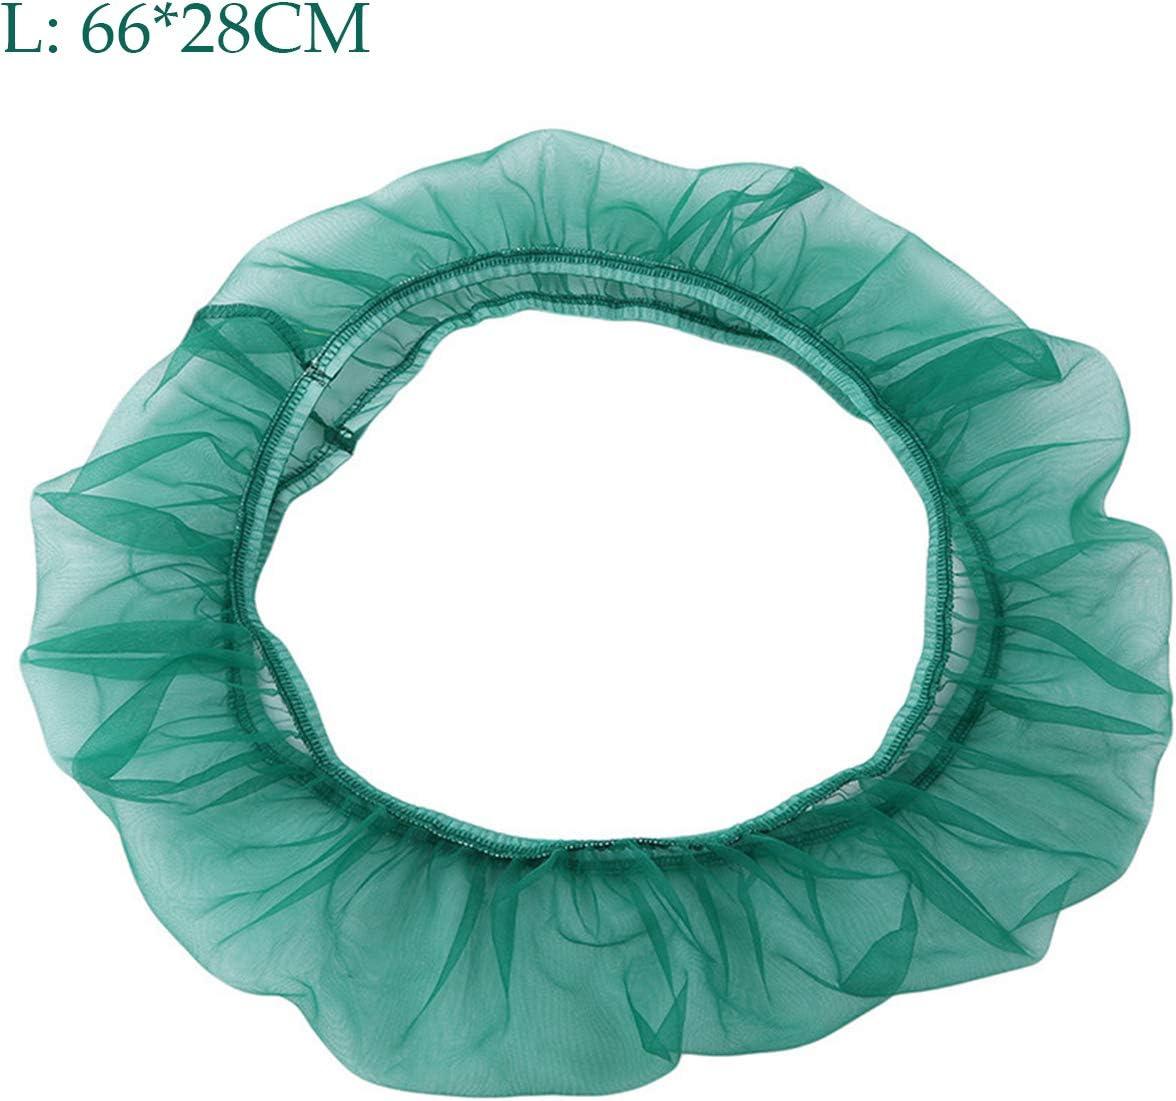 Ramble Cubierta para Jaula de p/ájaros Tela de Nailon Cubierta para recolector de Semillas de Jaula de Loros para p/ájaros para Mascotas M Black